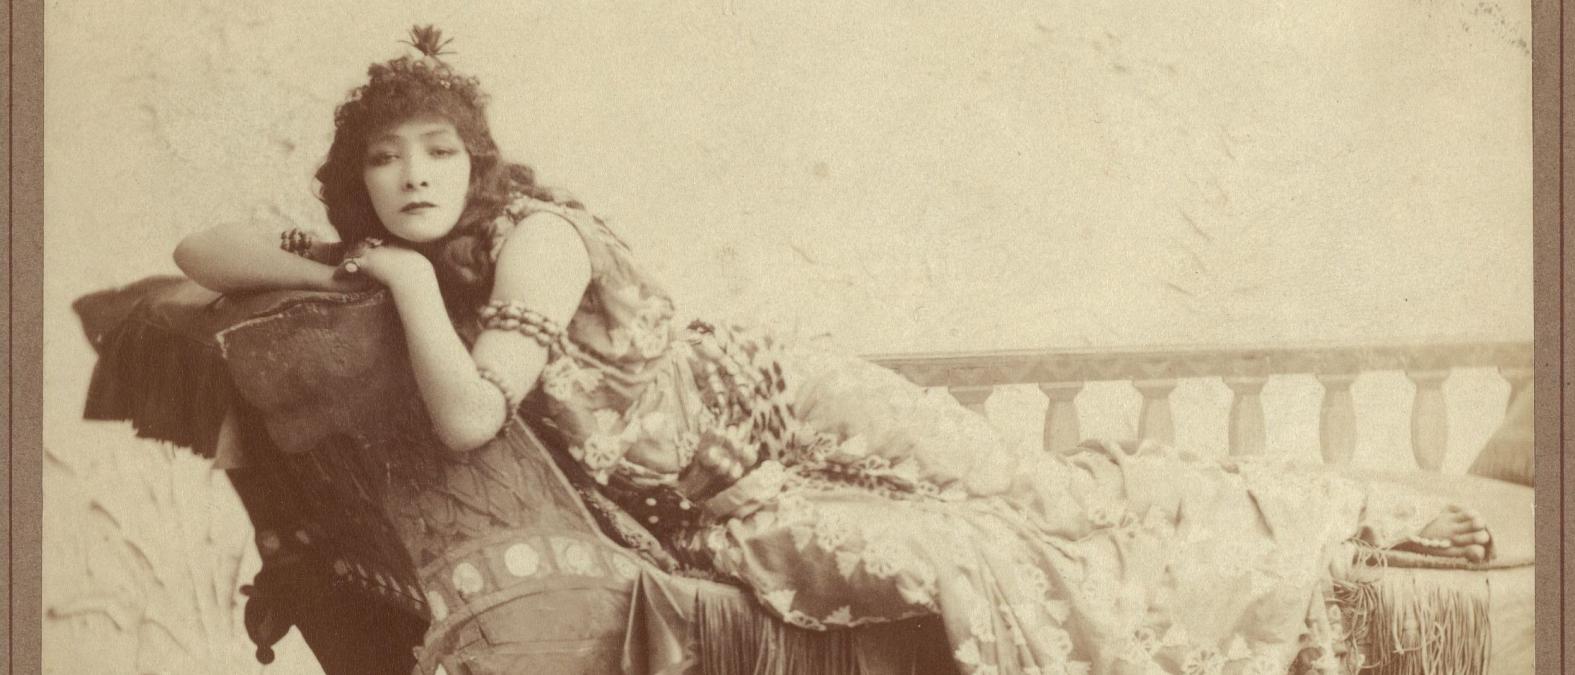 Sarah Bernhardt o la diva dai canini di velluto